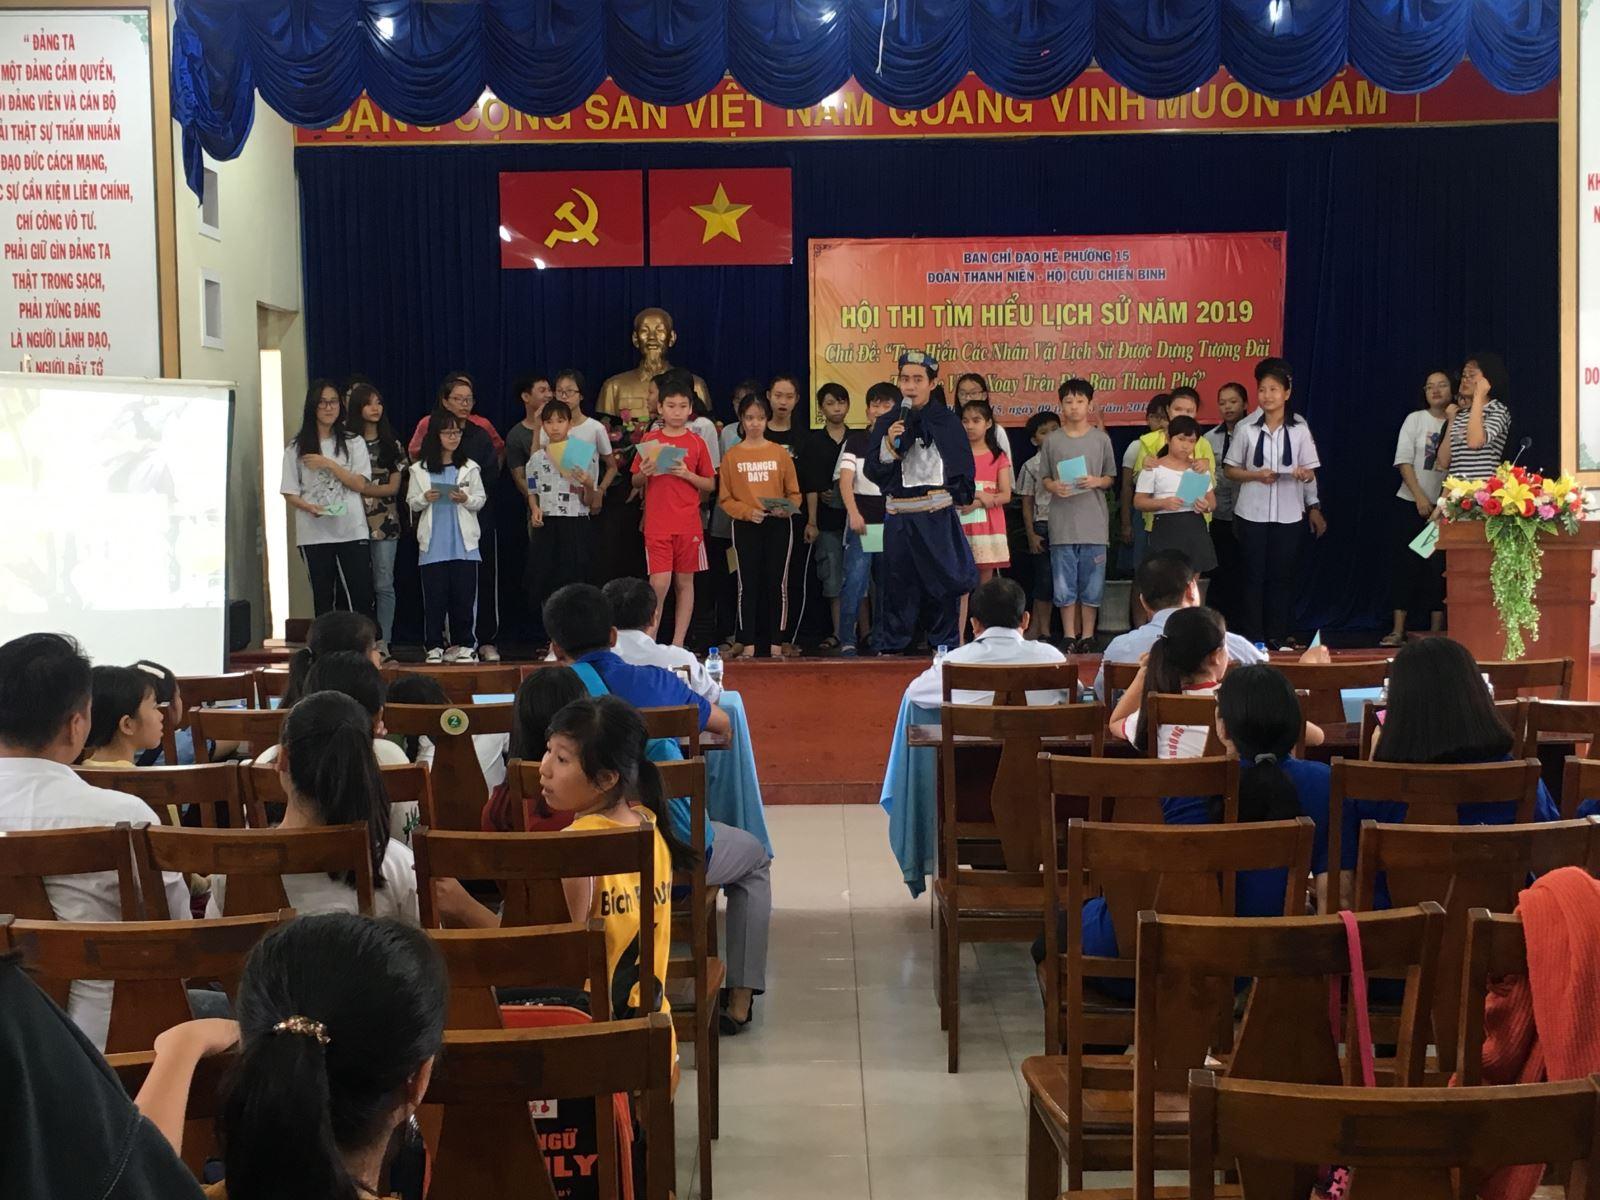 Phường 15: Tổ chức Hội thi tìm hiểu lịch sử năm 2019